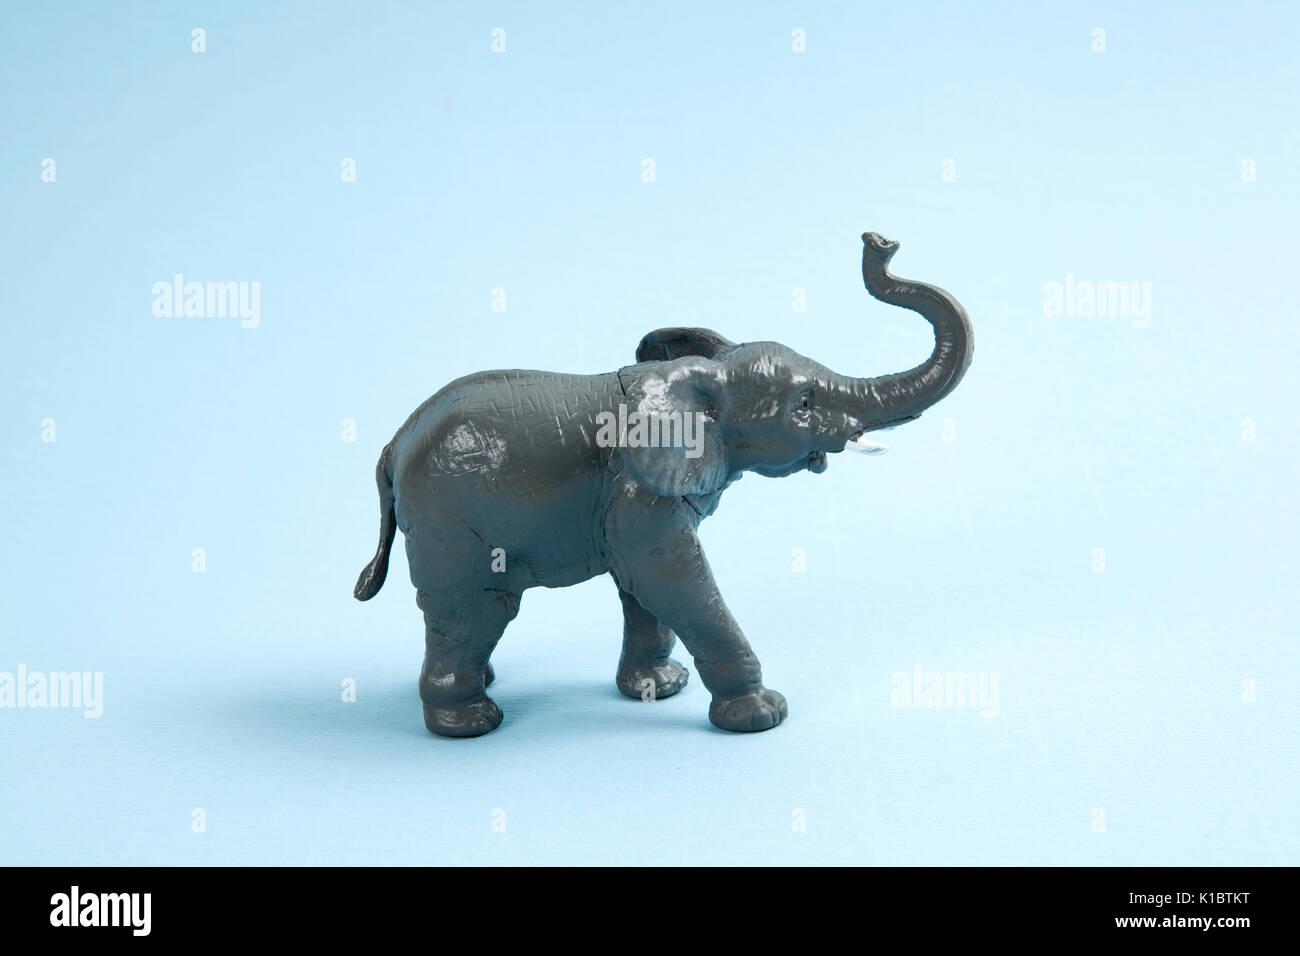 Un éléphant en plastique sur un fond bleu. Couleur minimum still life photography Photo Stock